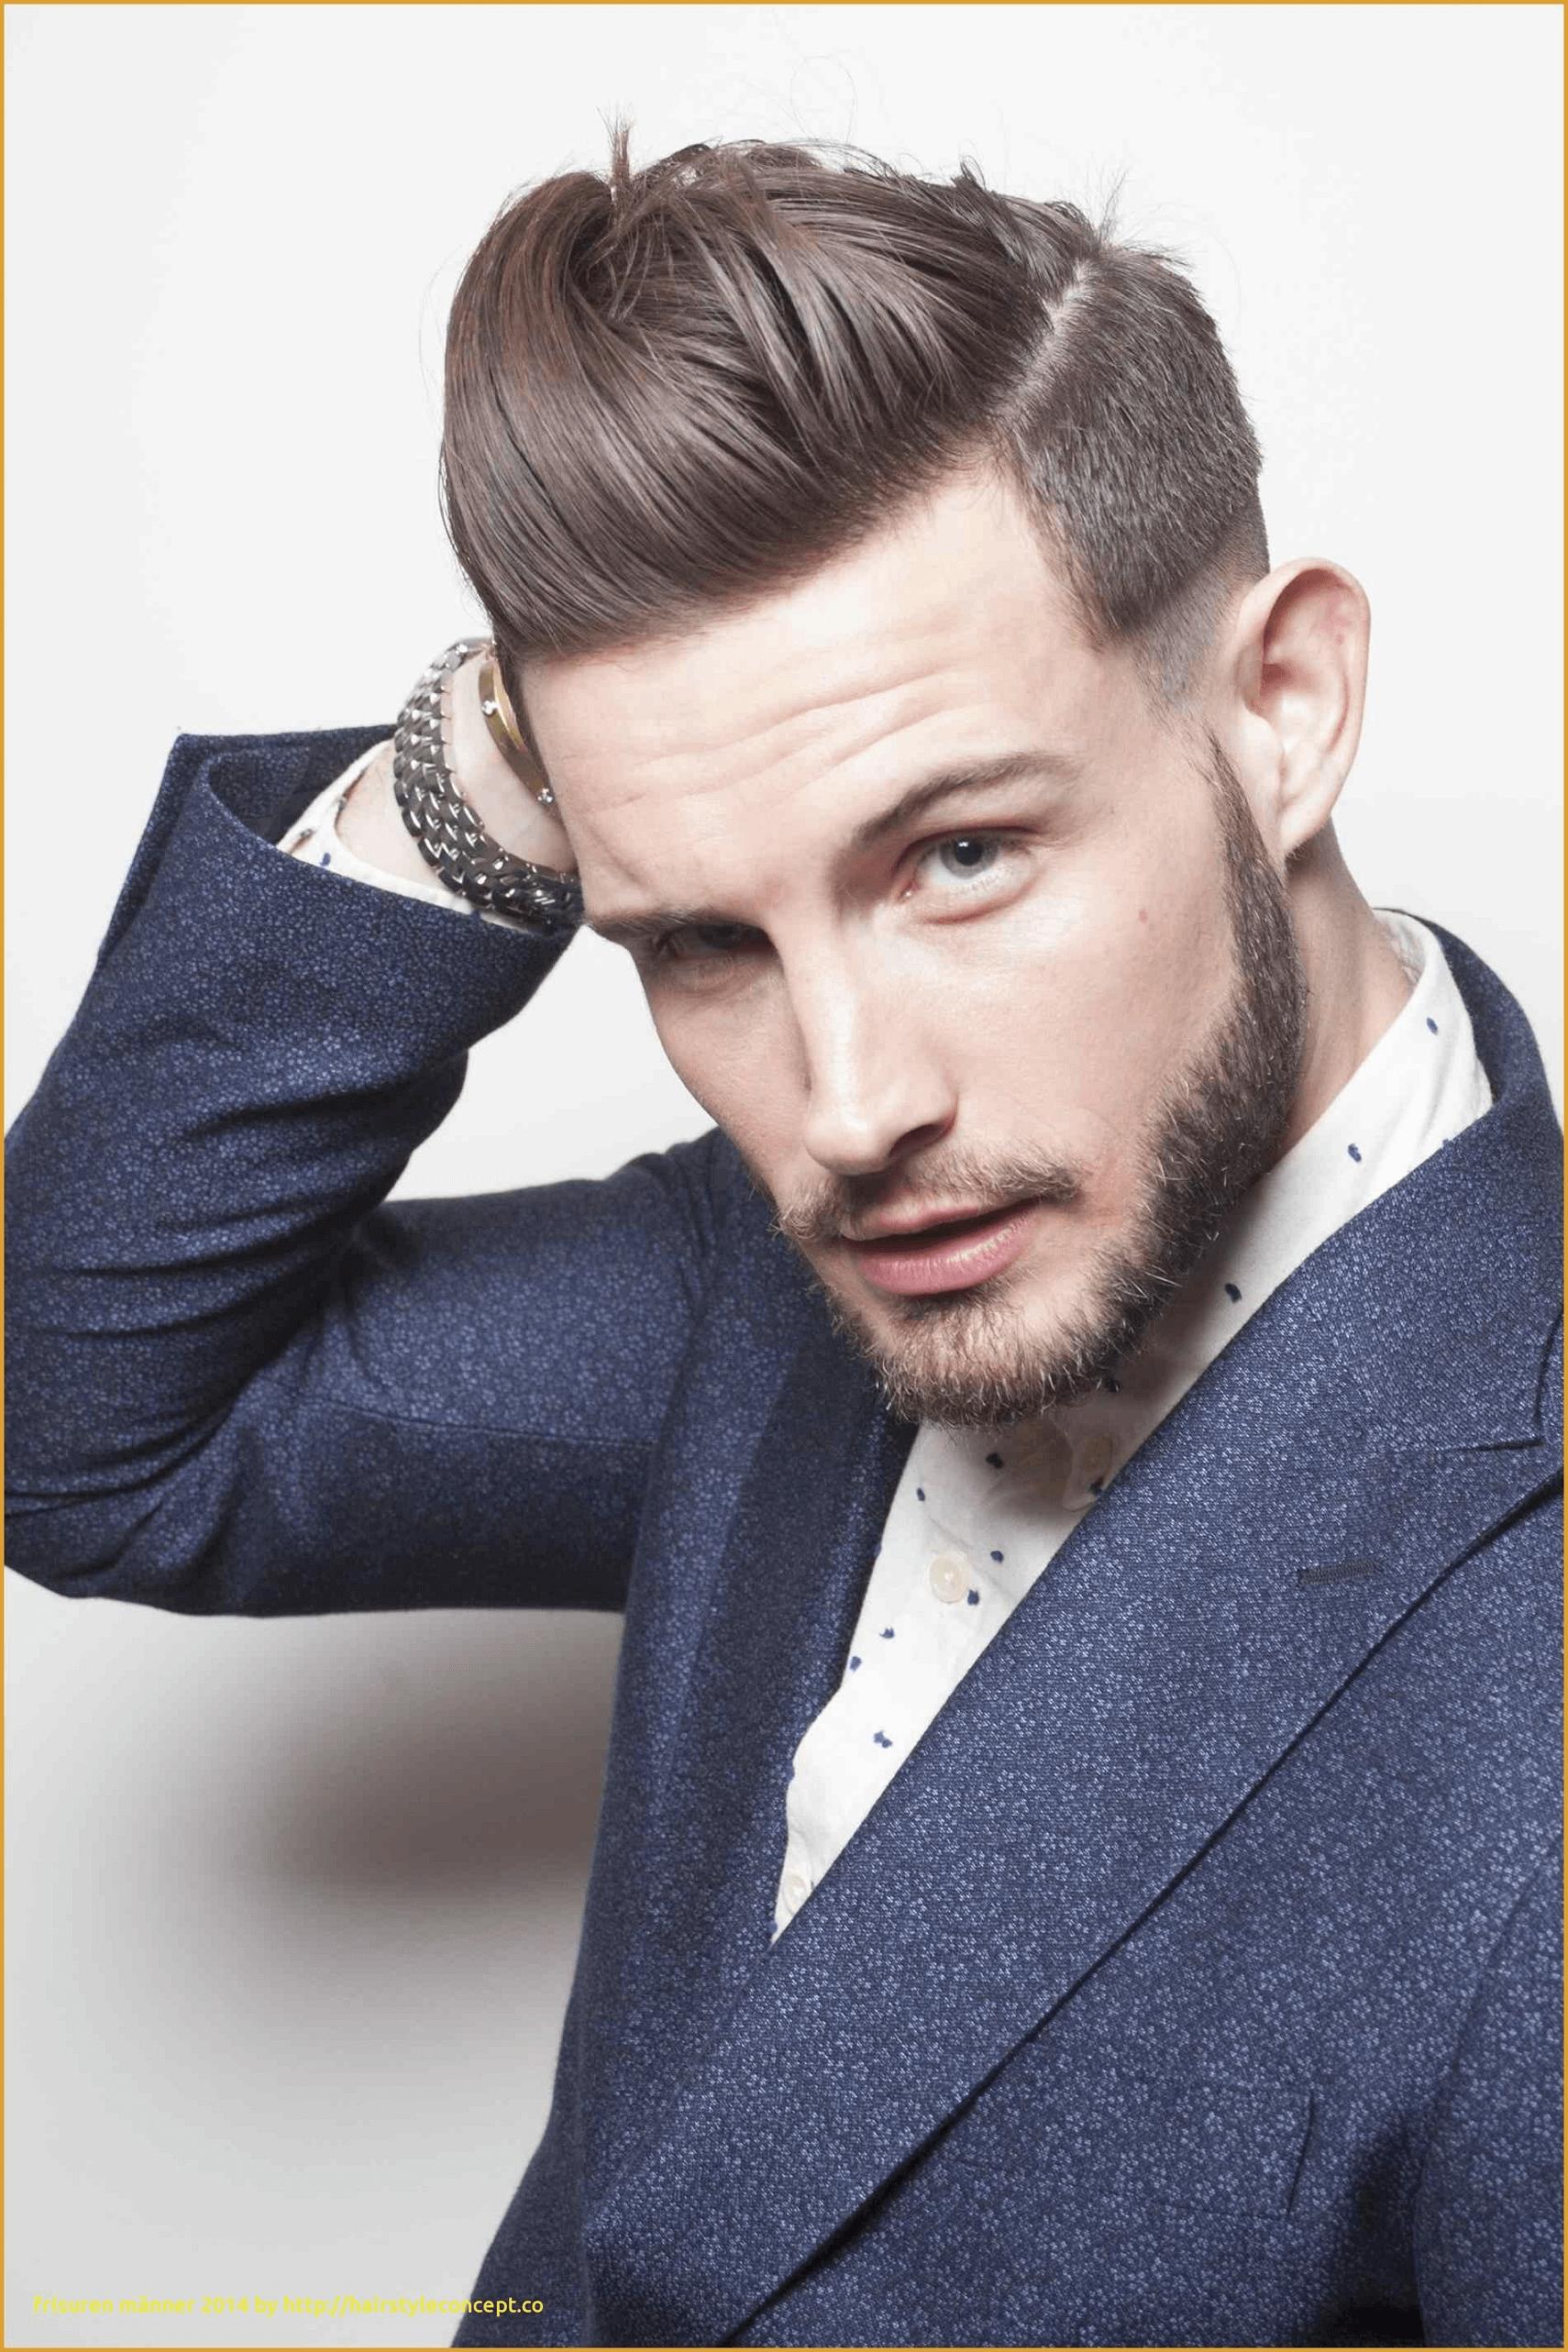 Moderne Frisuren Herren 2015 Yskgjt Com